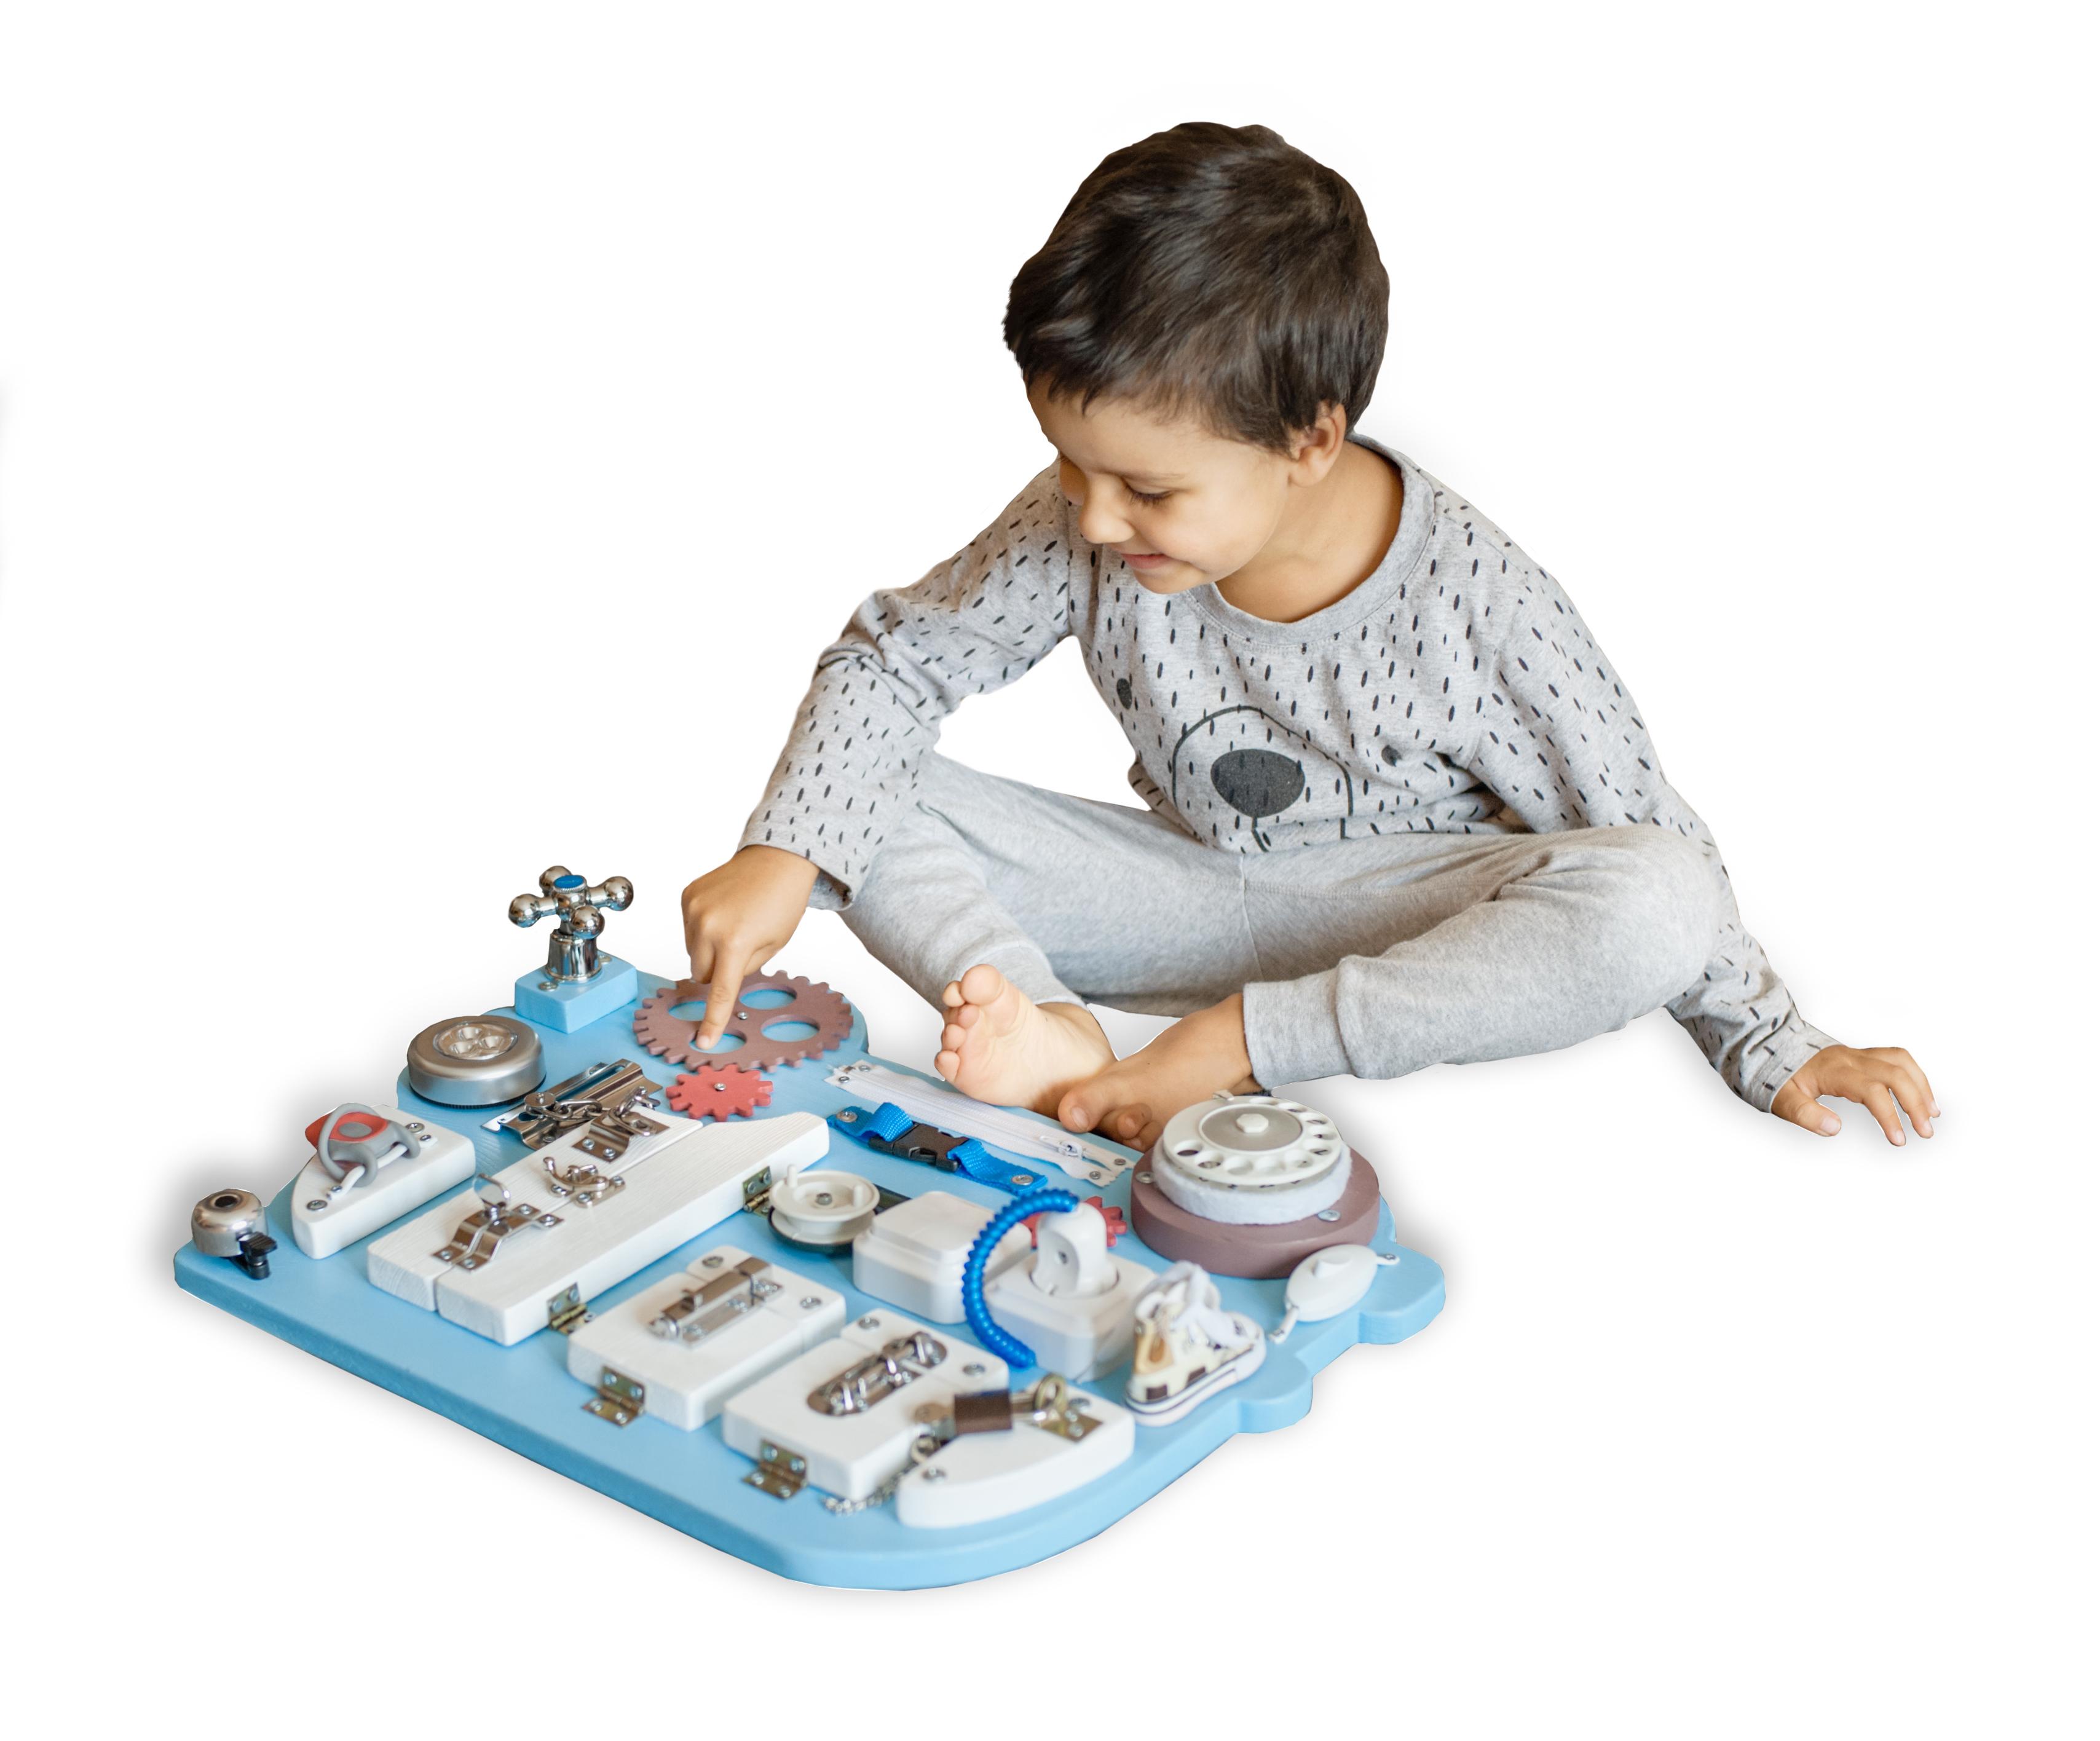 Топ-40 подарков мальчику на 5-6 лет + идеи полезных игрушек 2021